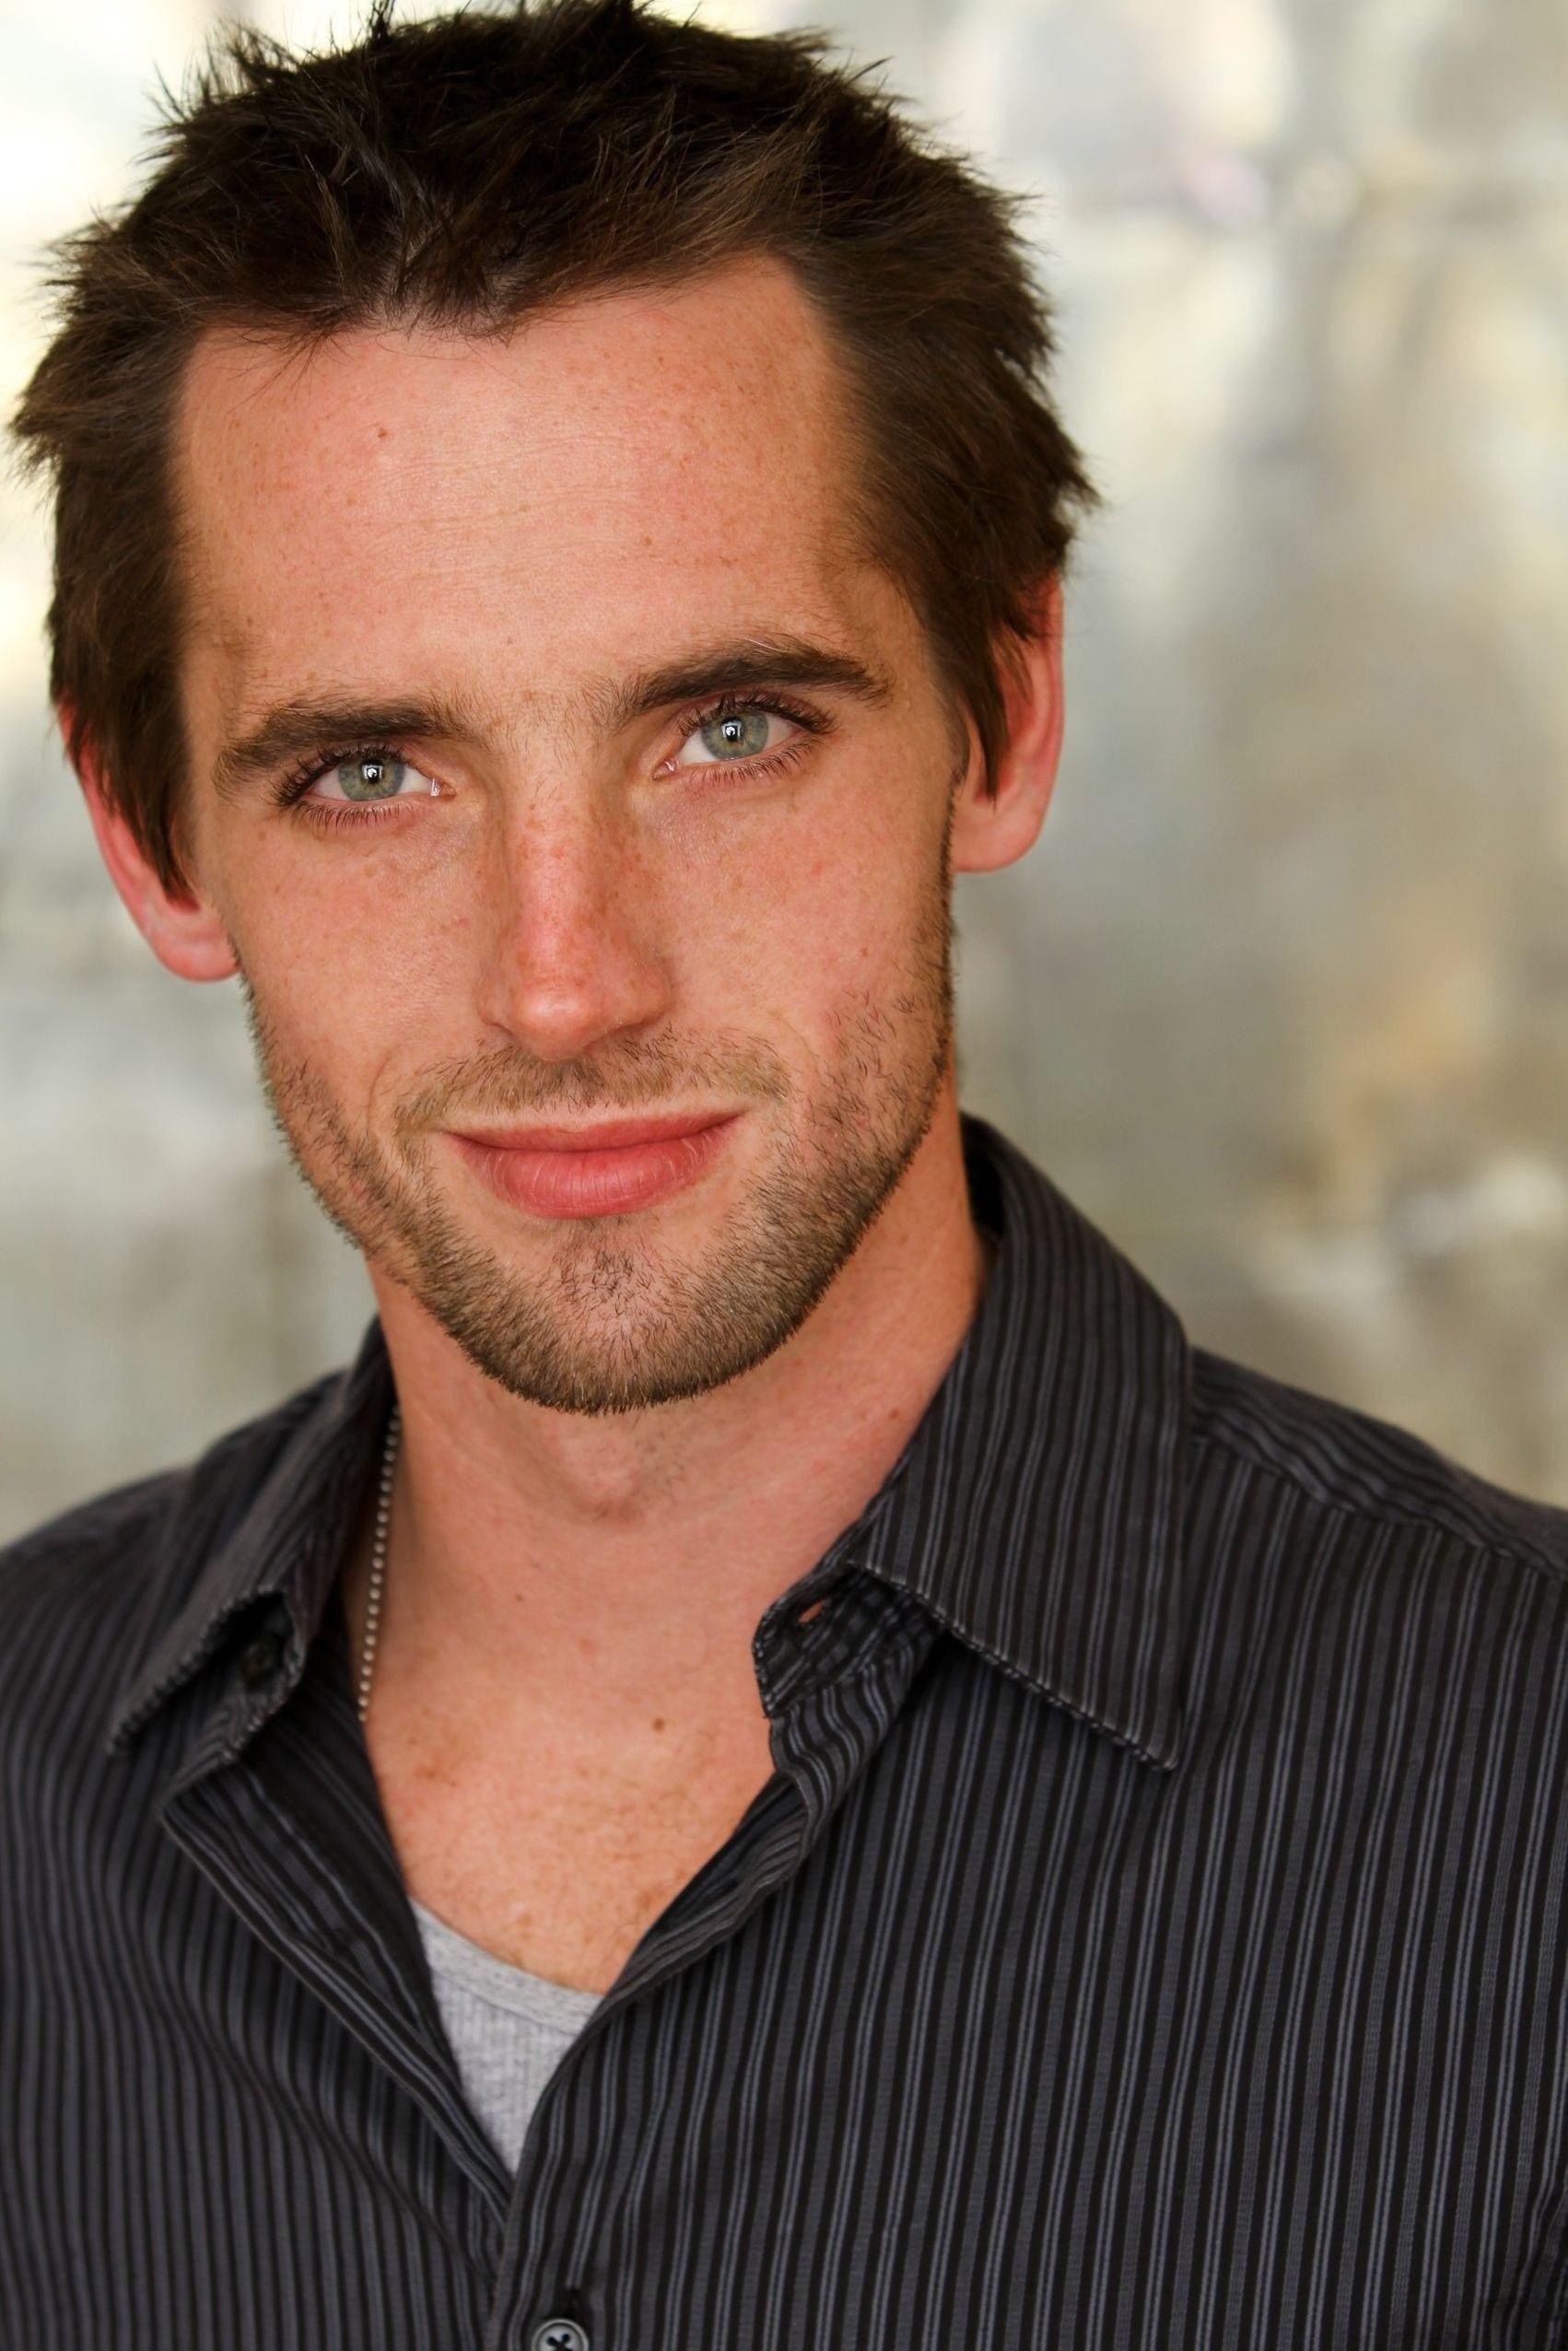 Ryan Higgins